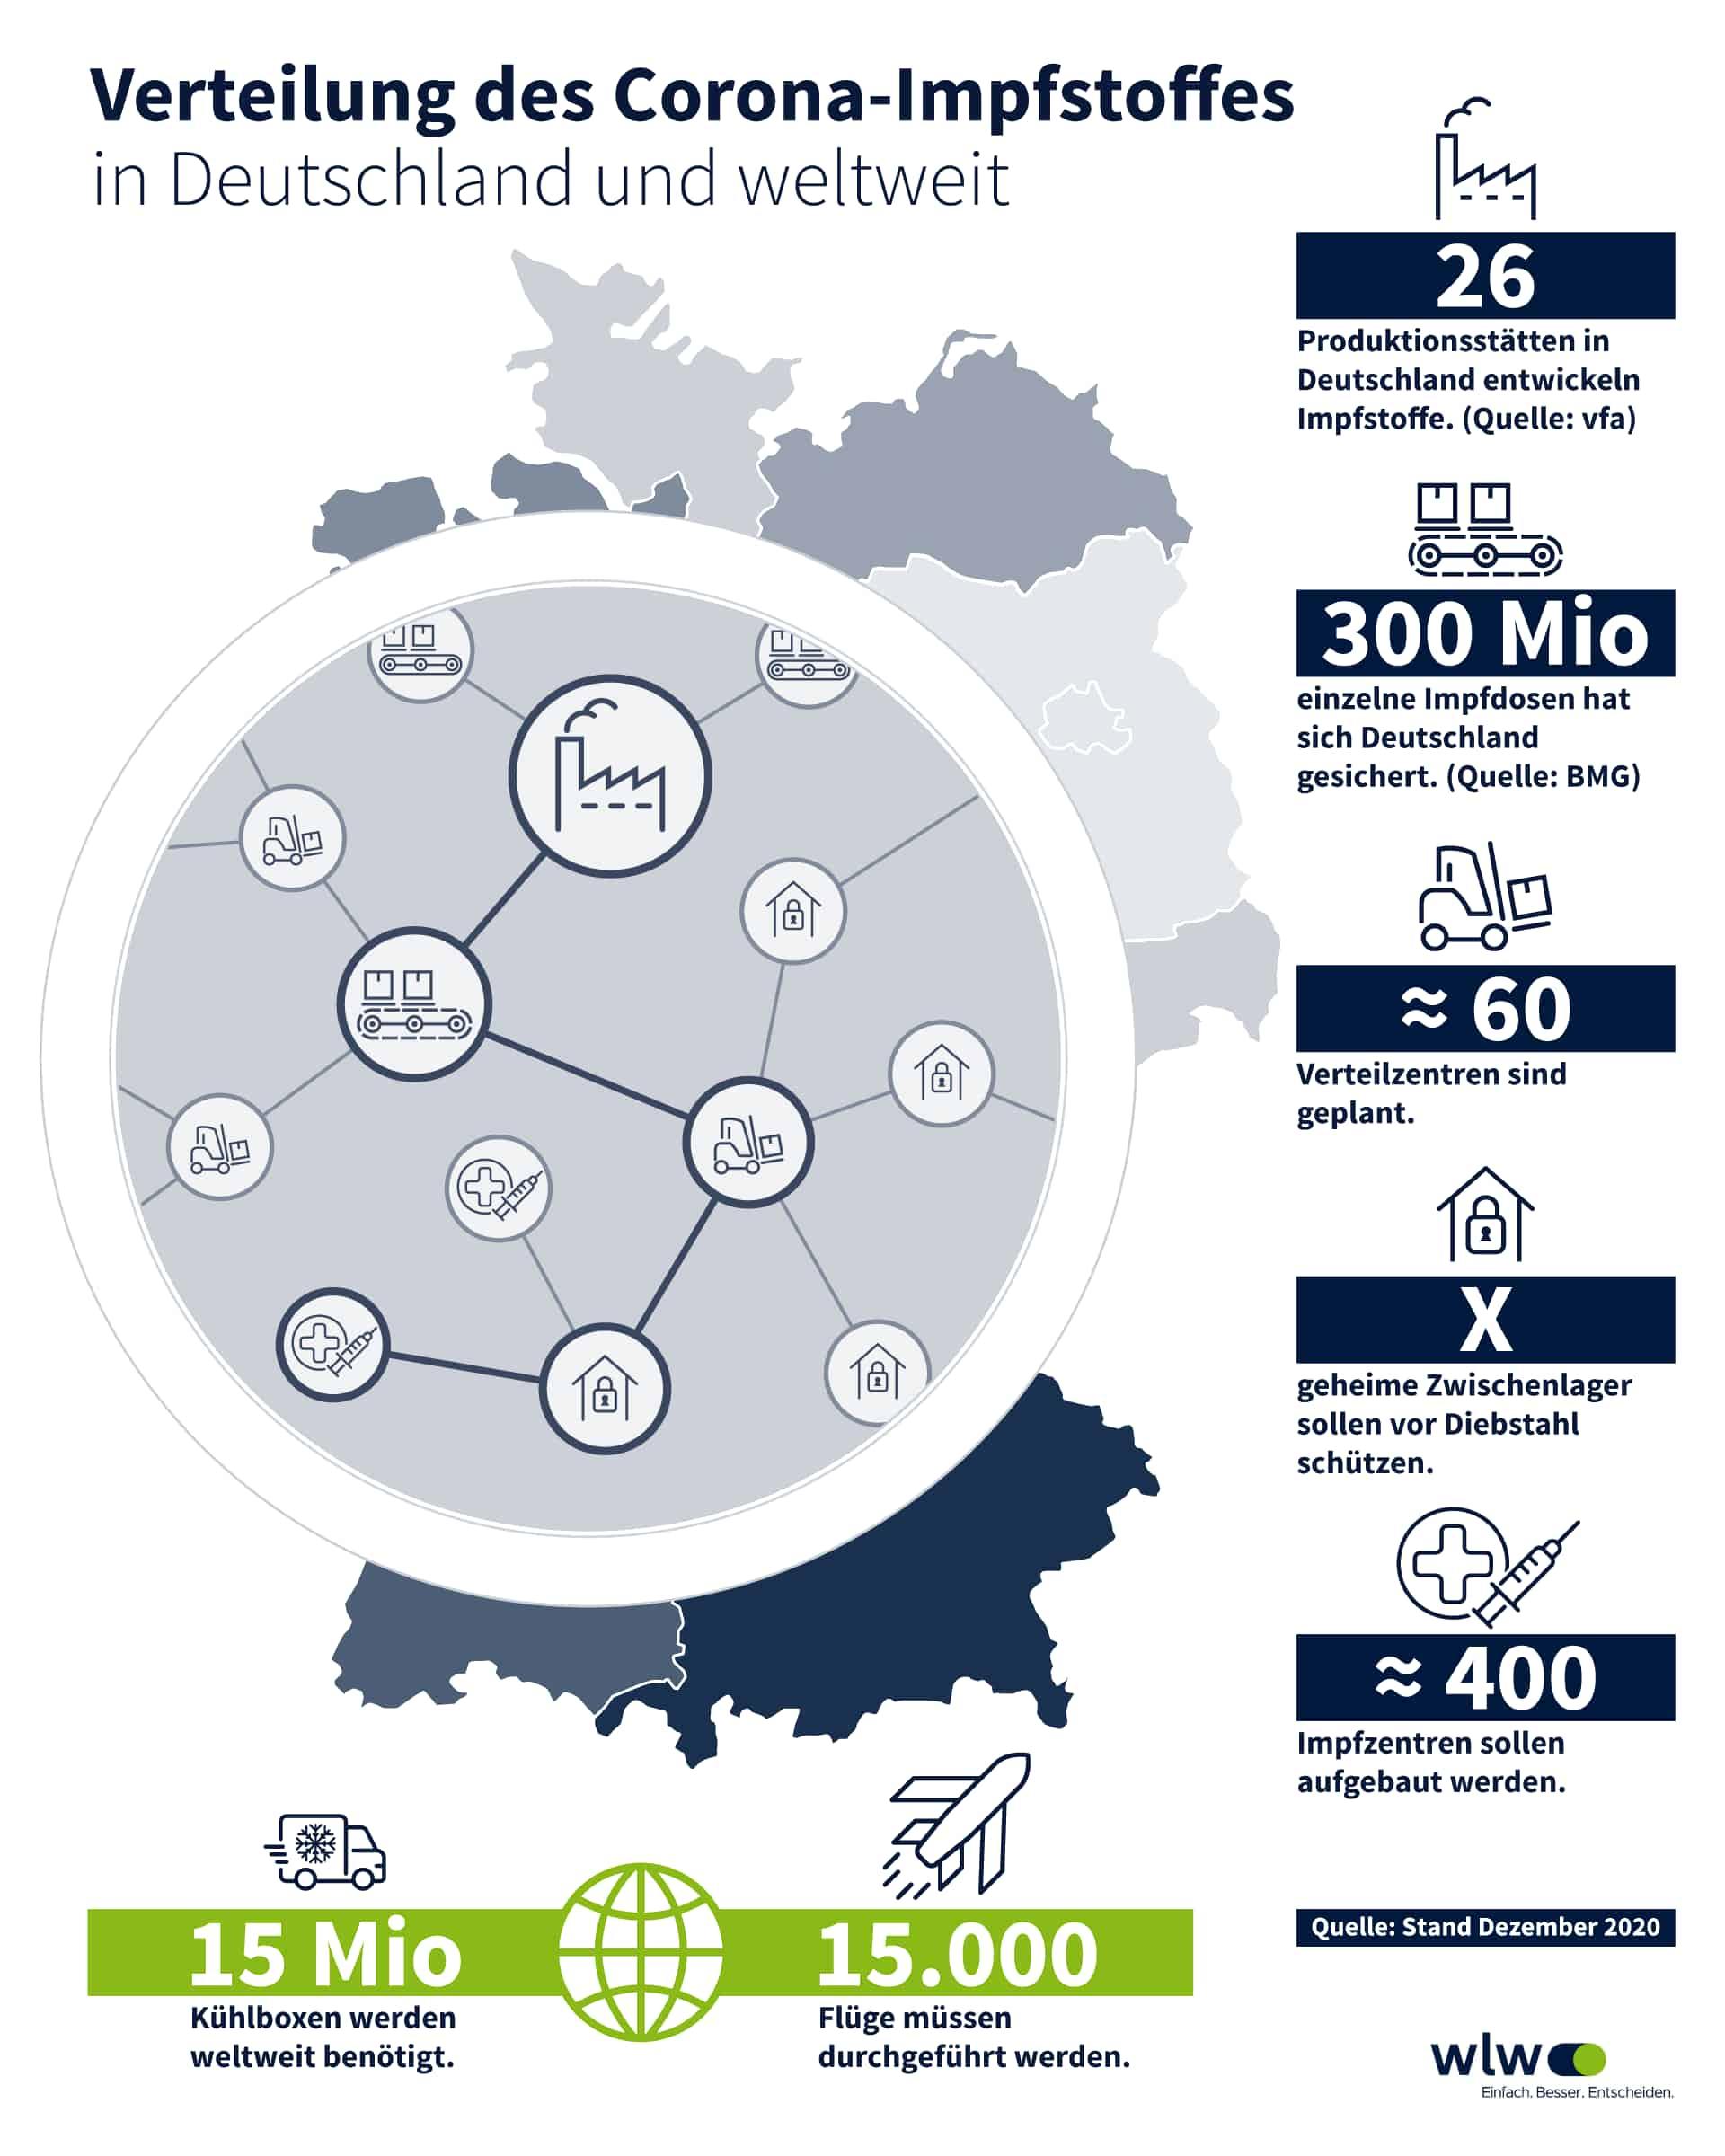 Verteilung des Corona-Impfstoffs in Deutschland